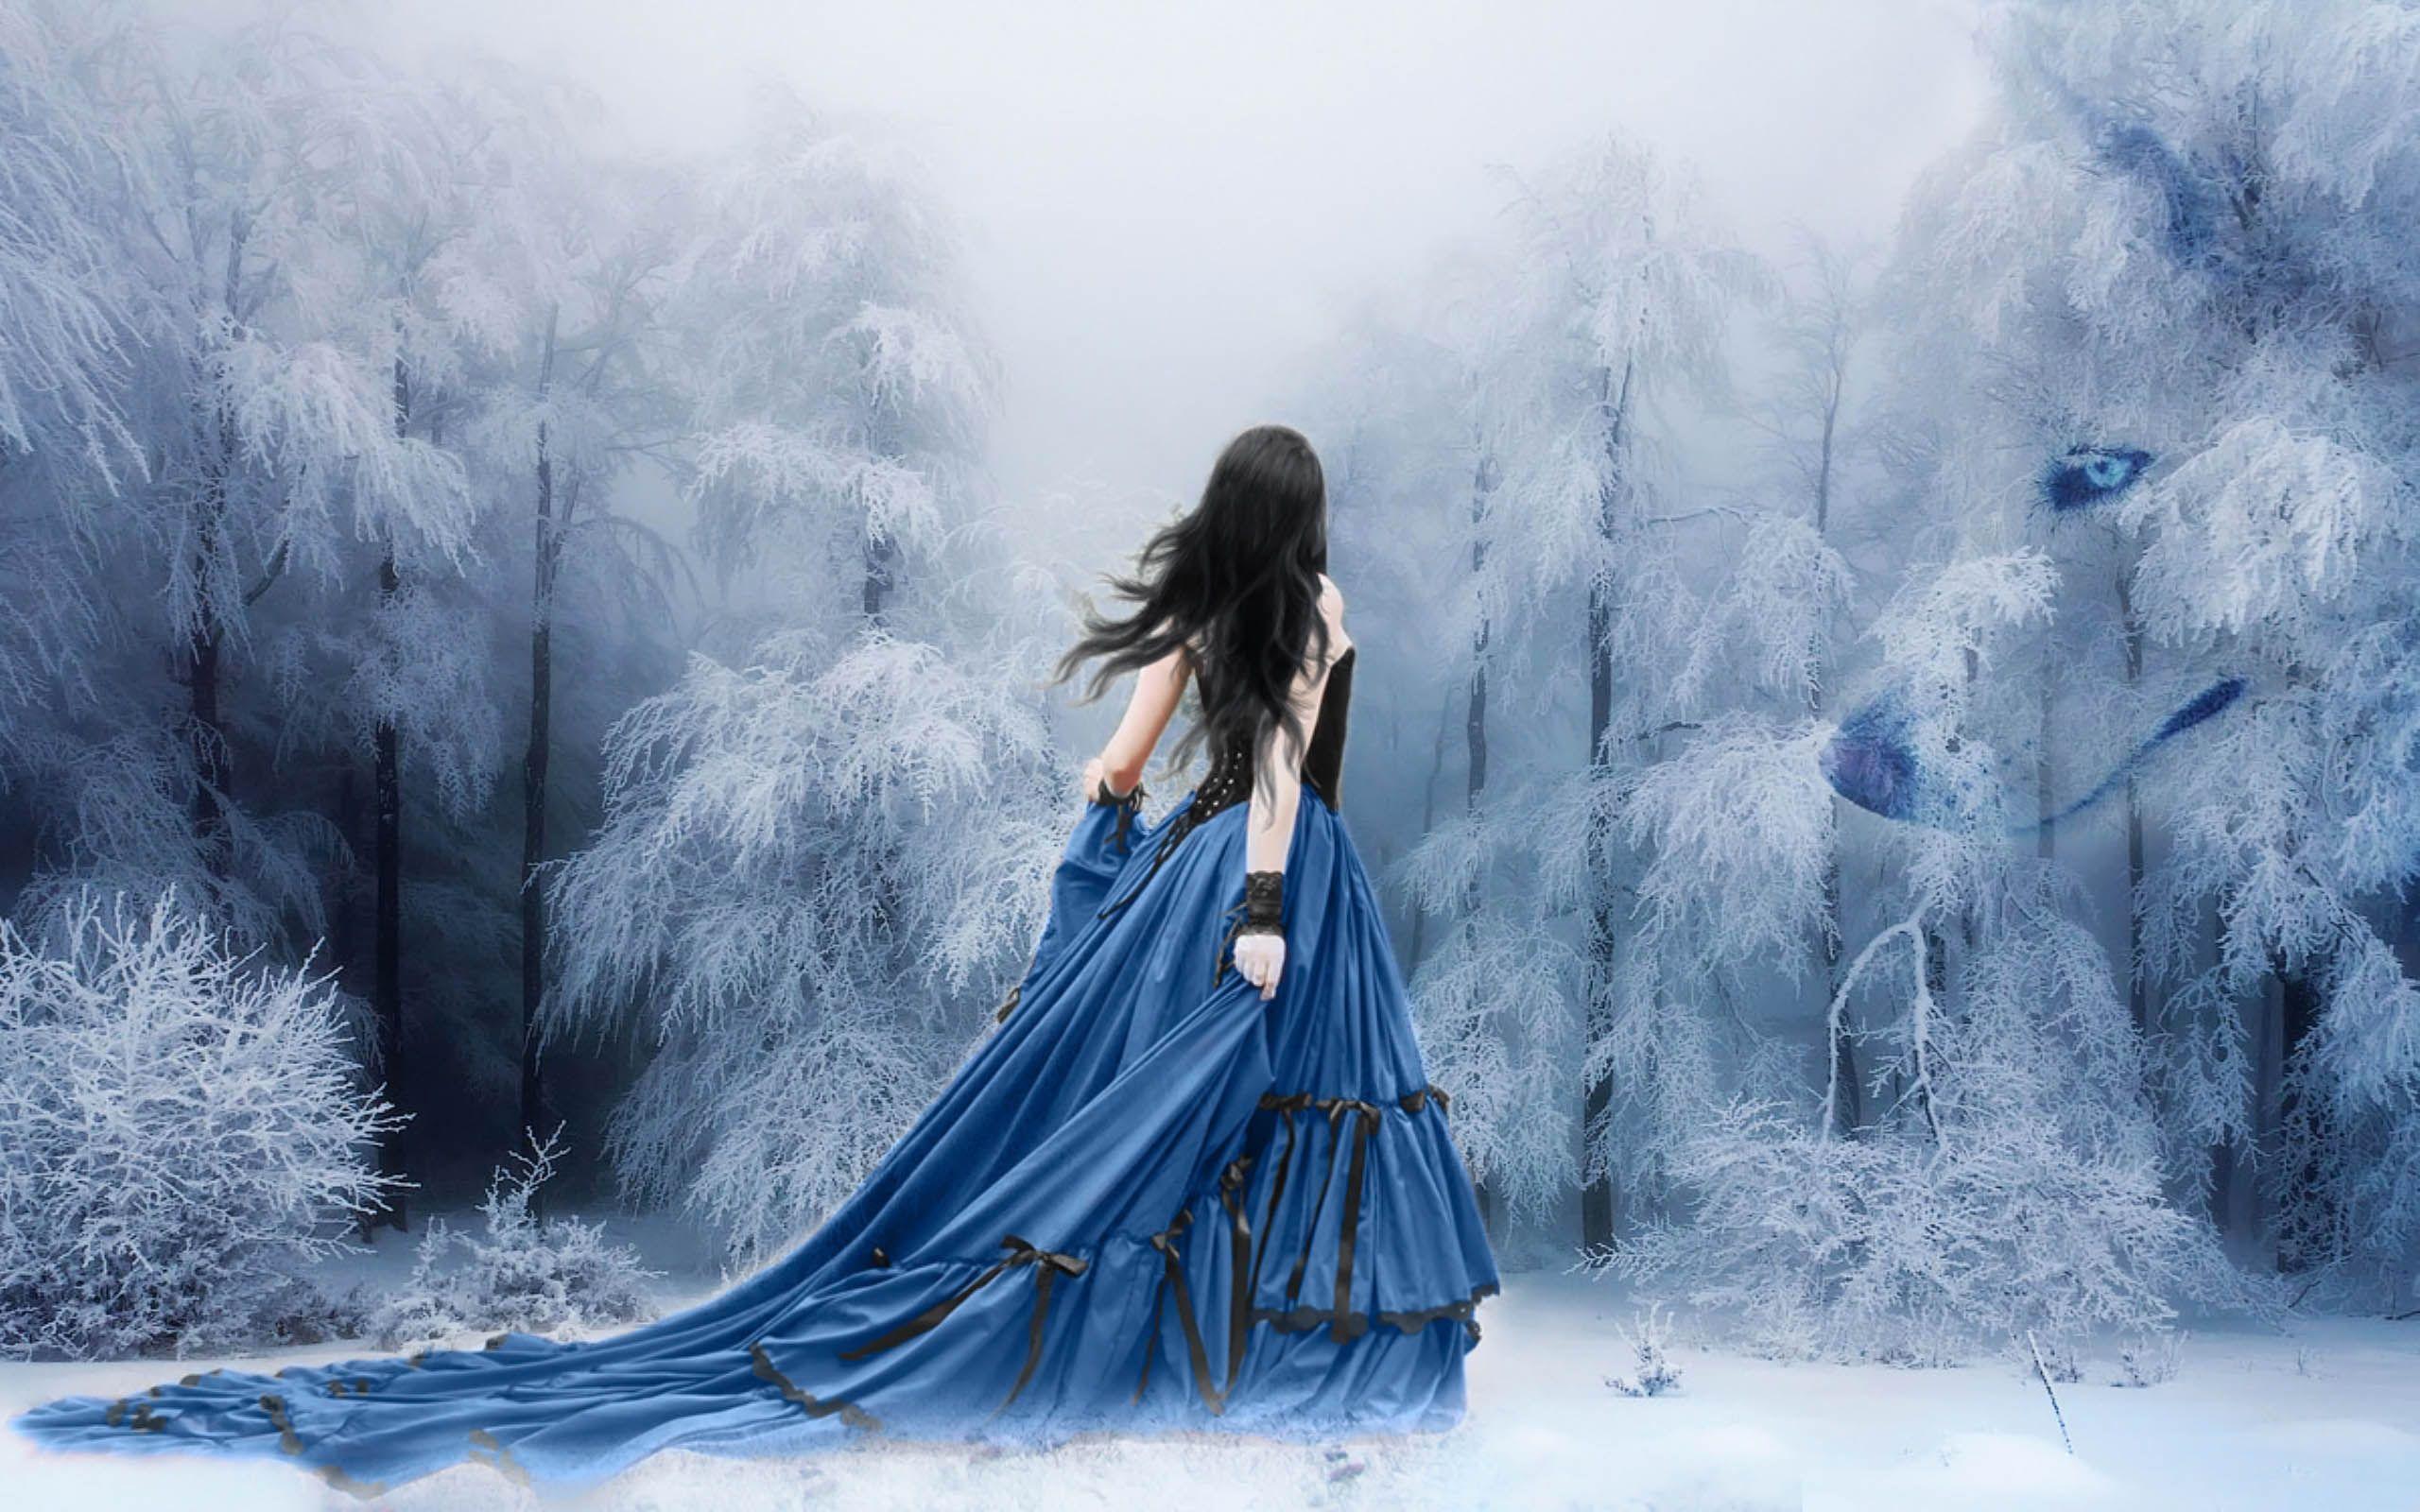 Anime Girls Snow Winter Alone Wallpaper WallDevil Зима